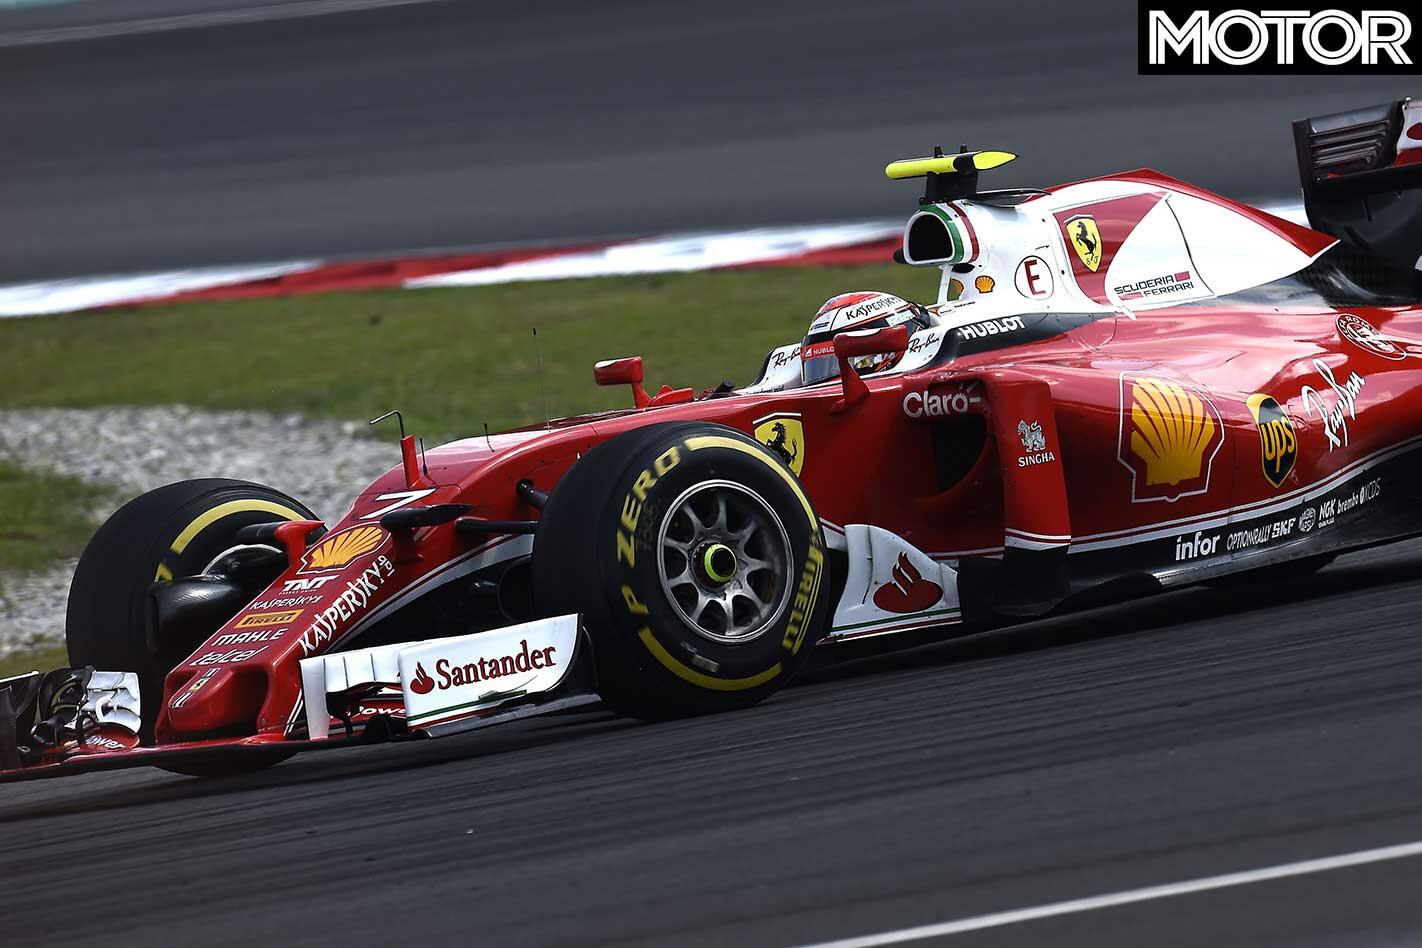 Ferrari SF 16 H Front Jpg